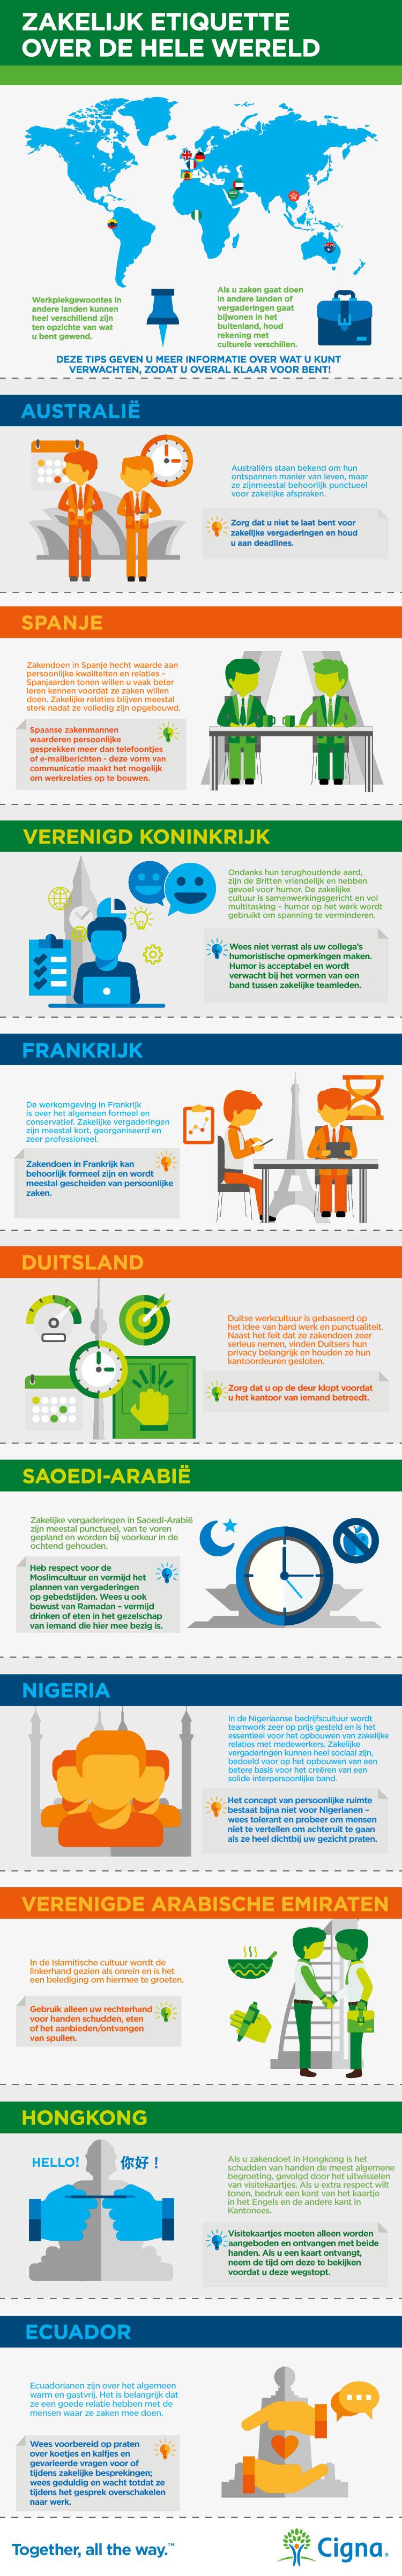 Infographic Zakelijke etiquette wereldwijd